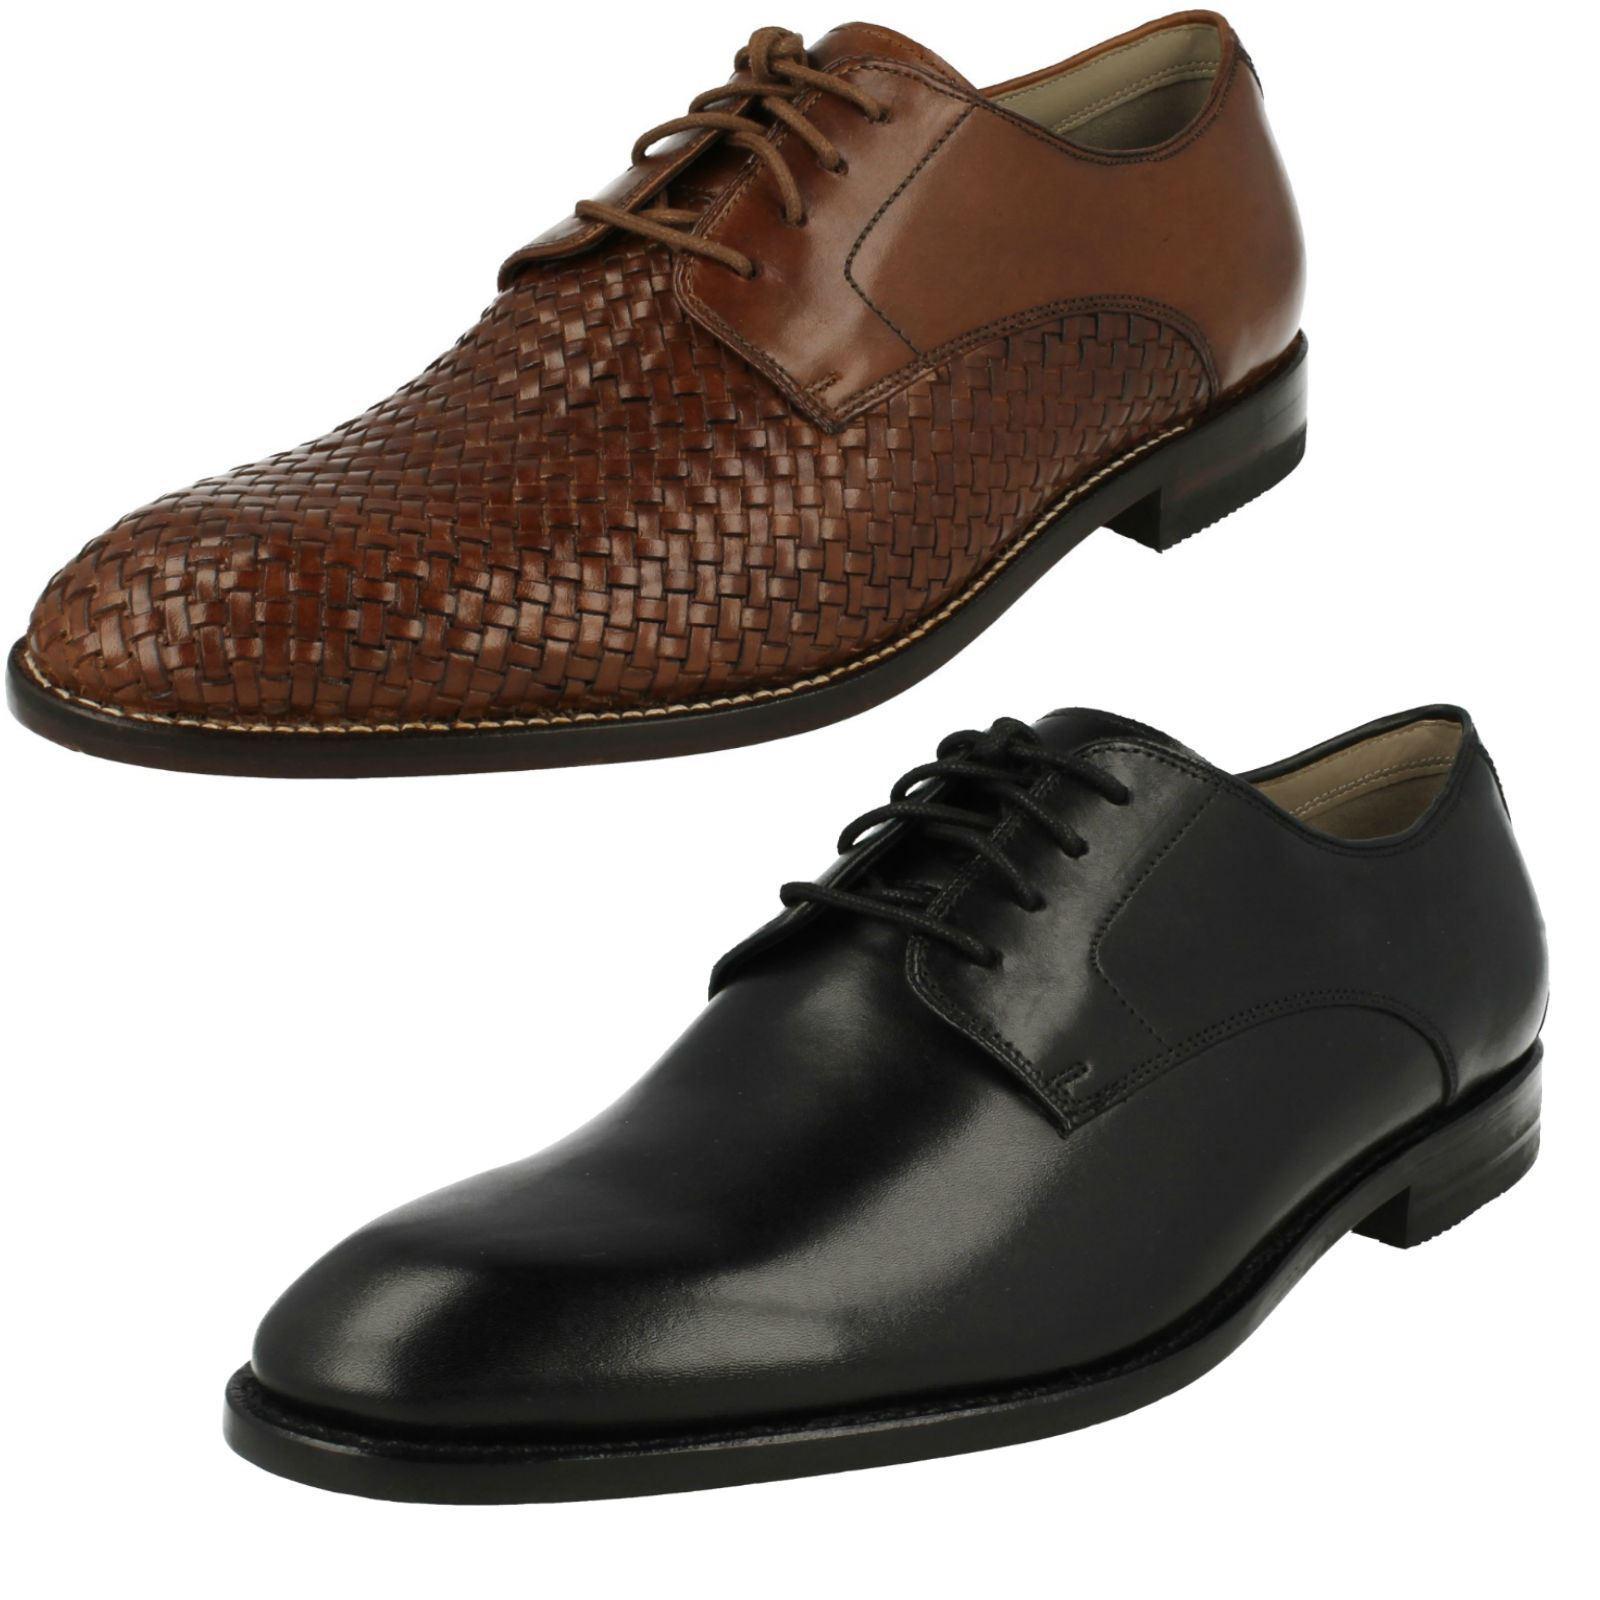 Zapatos de Cuero para Hombre Clarks rojoondeado del dedo del pie Inteligente Con Cordones Encaje twinley